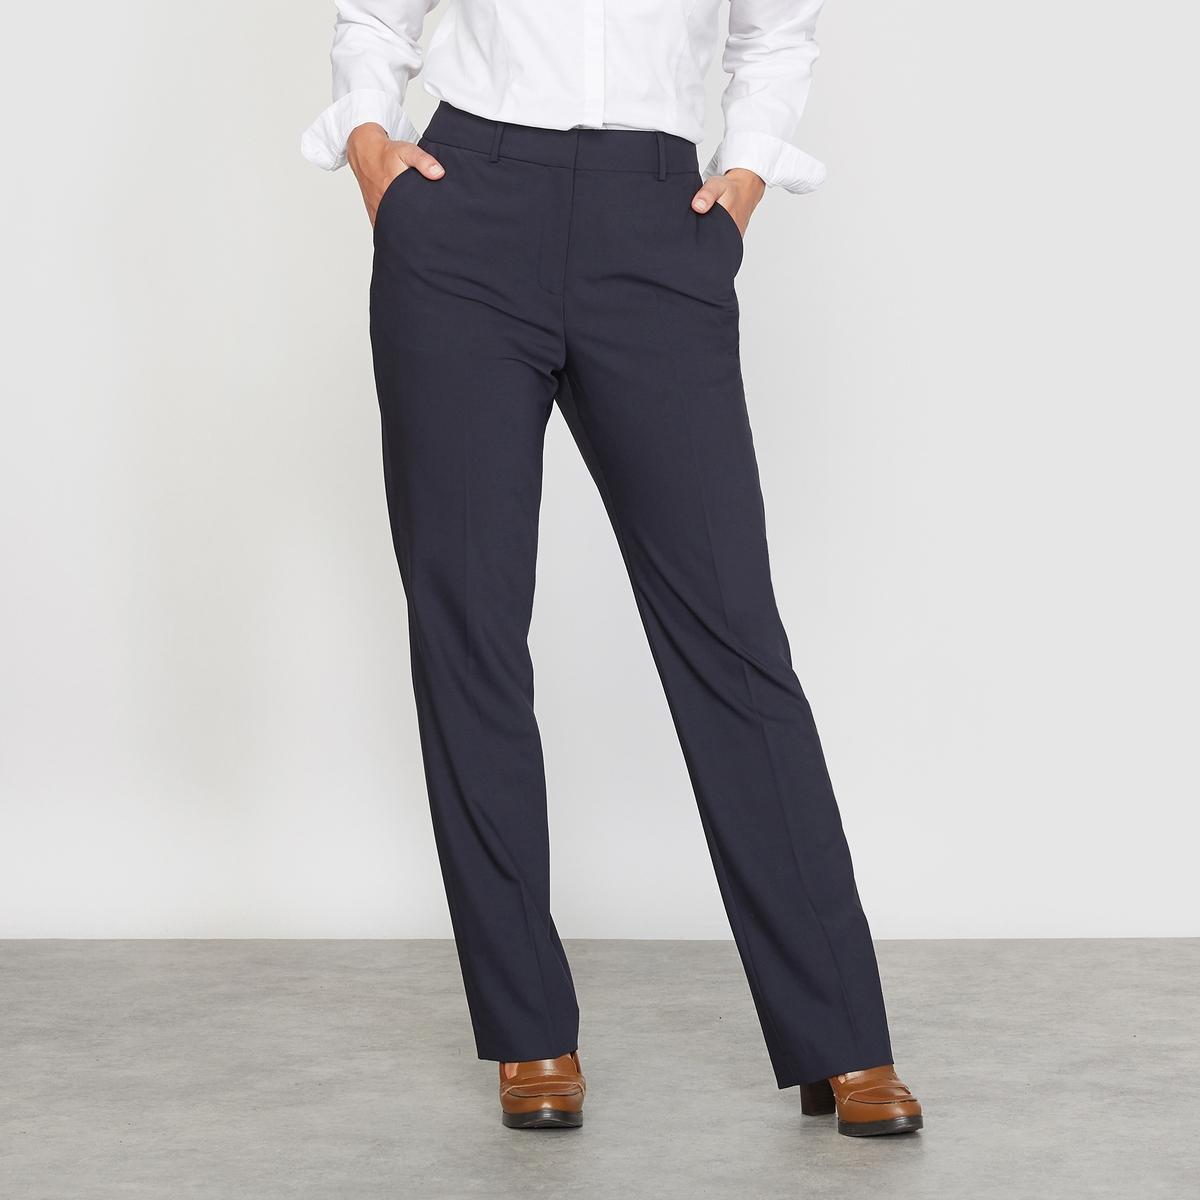 Брюки костюмные прямые, из полишерстиБрюки прямые, костюмные.Пояс со шлевками. Застёжка на молнию и потайной крючок по центру спереди.2 косых кармана по бокам.2 прорезных кармана сзади.Красивая отделка внутреннего пояса .Состав и описание :Материал : 53% полиэстера, 43% шерсти, 4% тянущегося эластана.Длина по внутр. шву 80 см, ширина по низу 22 см.Марка : CASTALUNAУход : сухая чистка .<br><br>Цвет: темно-синий,черный<br>Размер: 44 (FR) - 50 (RUS).46 (FR) - 52 (RUS).54 (FR) - 60 (RUS).56 (FR) - 62 (RUS).58 (FR) - 64 (RUS).48 (FR) - 54 (RUS).50 (FR) - 56 (RUS).52 (FR) - 58 (RUS).58 (FR) - 64 (RUS)